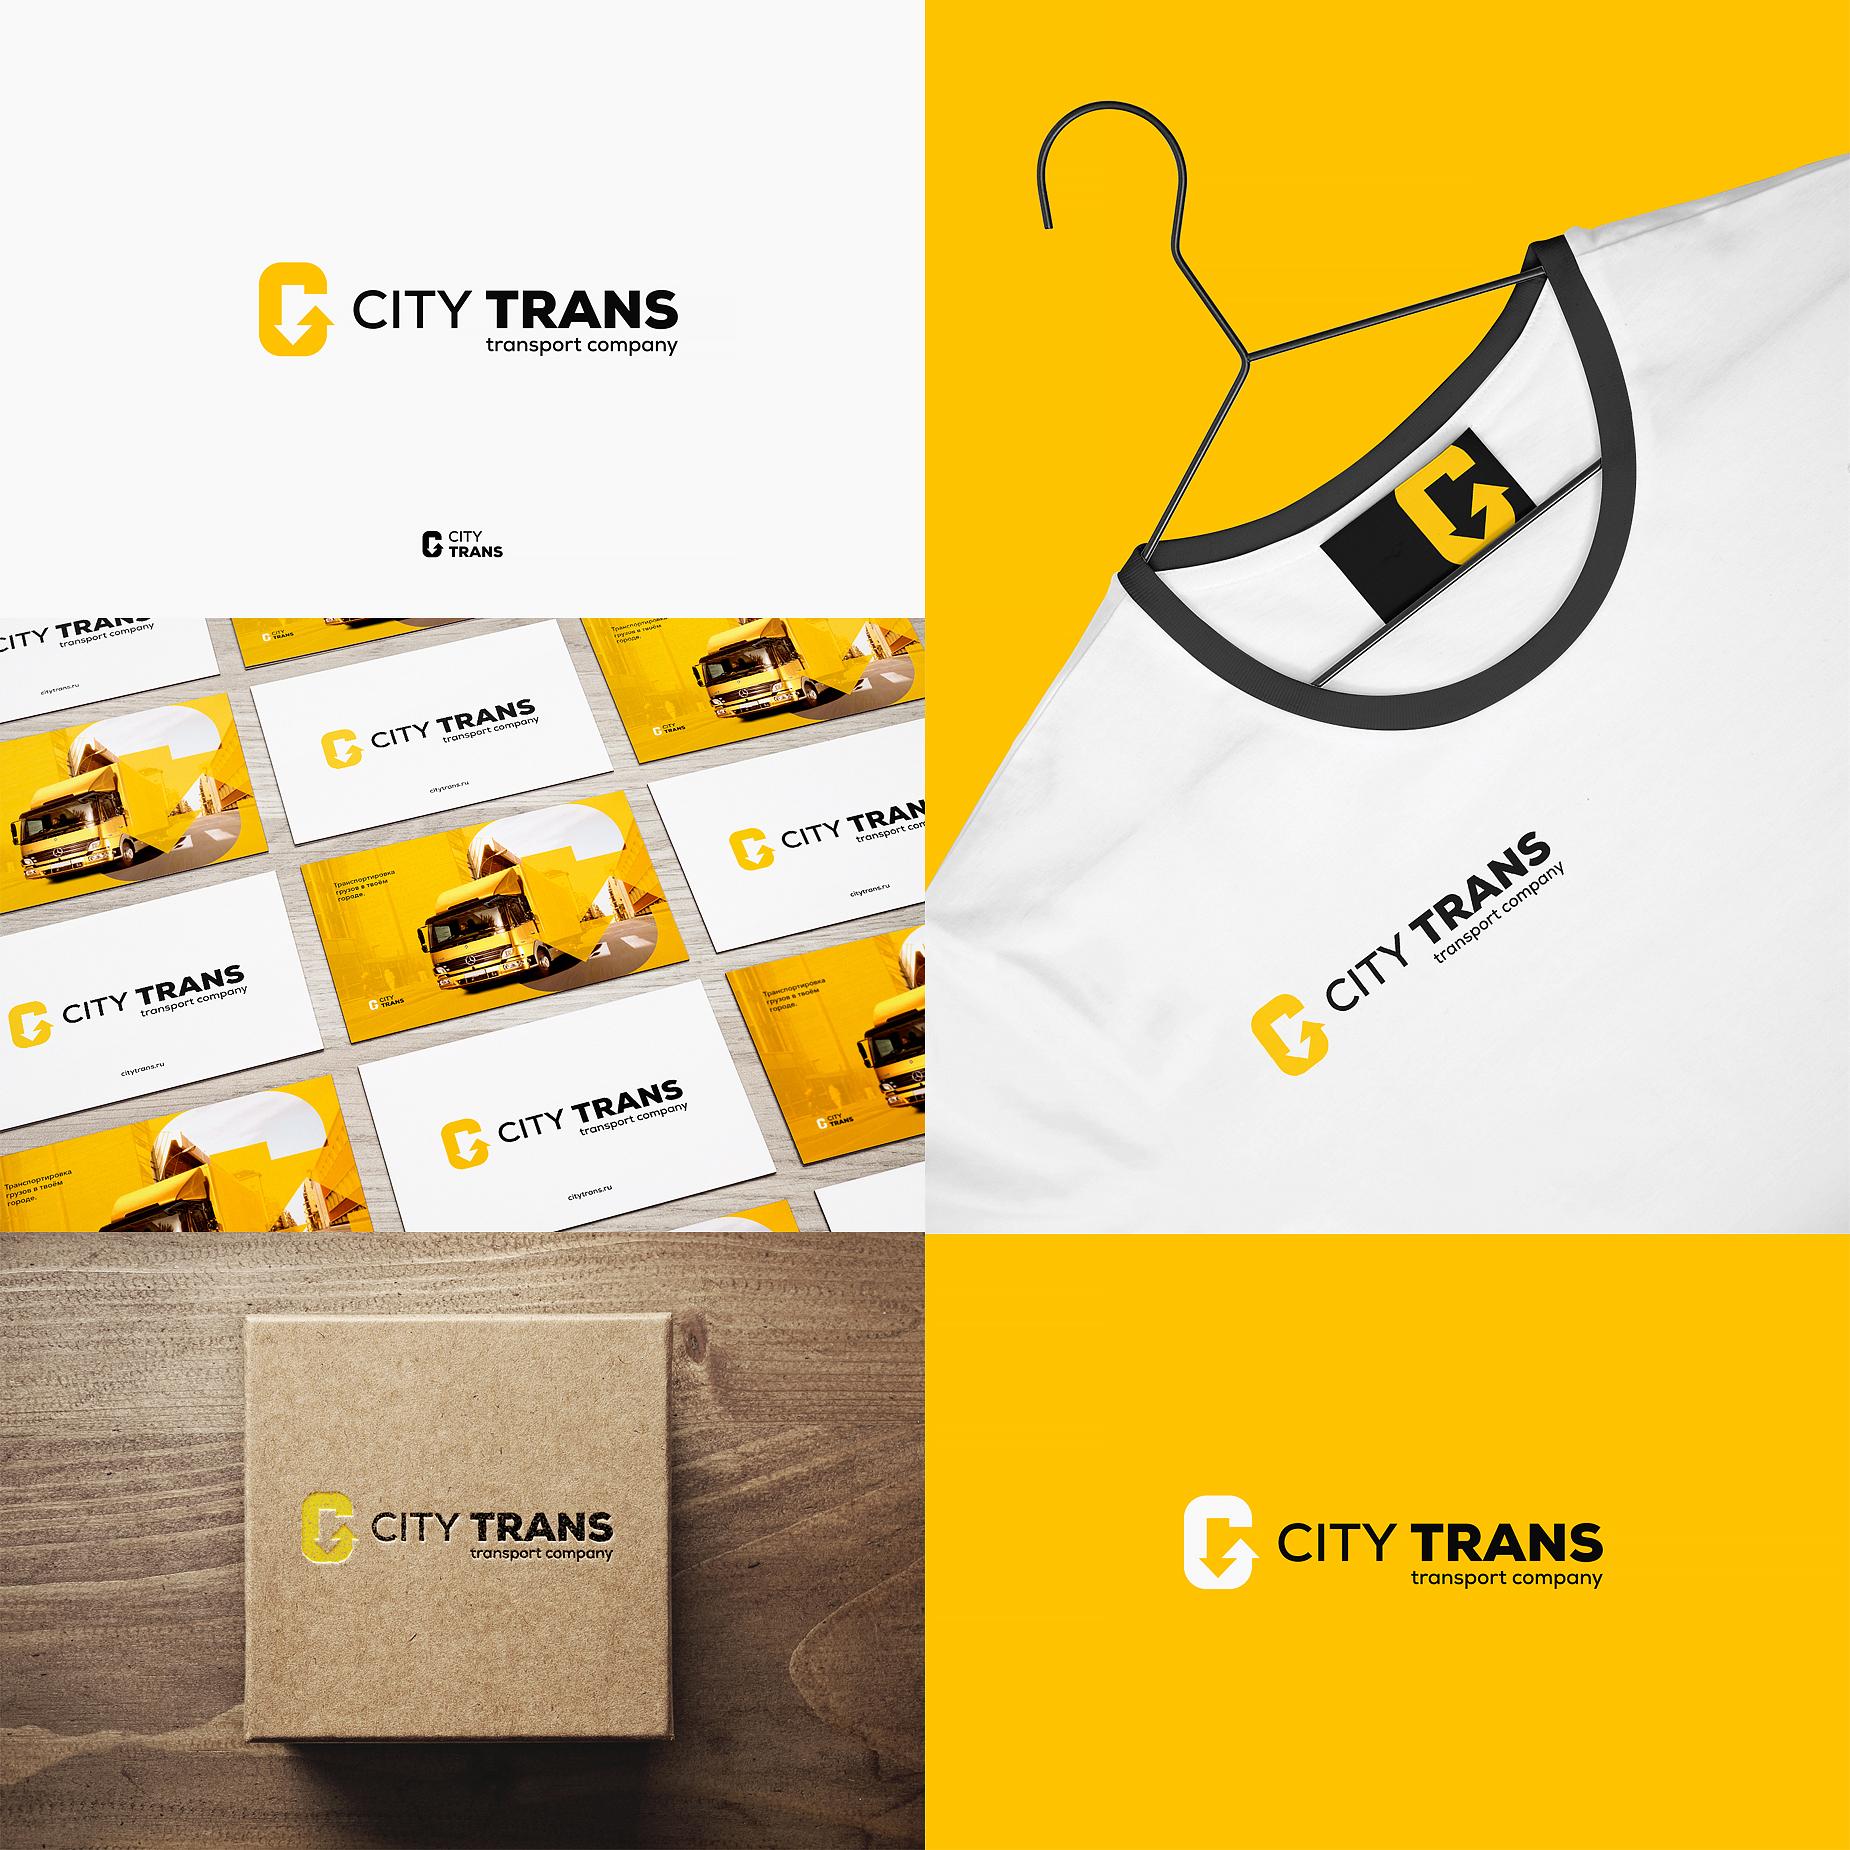 Разработка Логотипа транспортной компании фото f_1925e700e47de98e.jpg